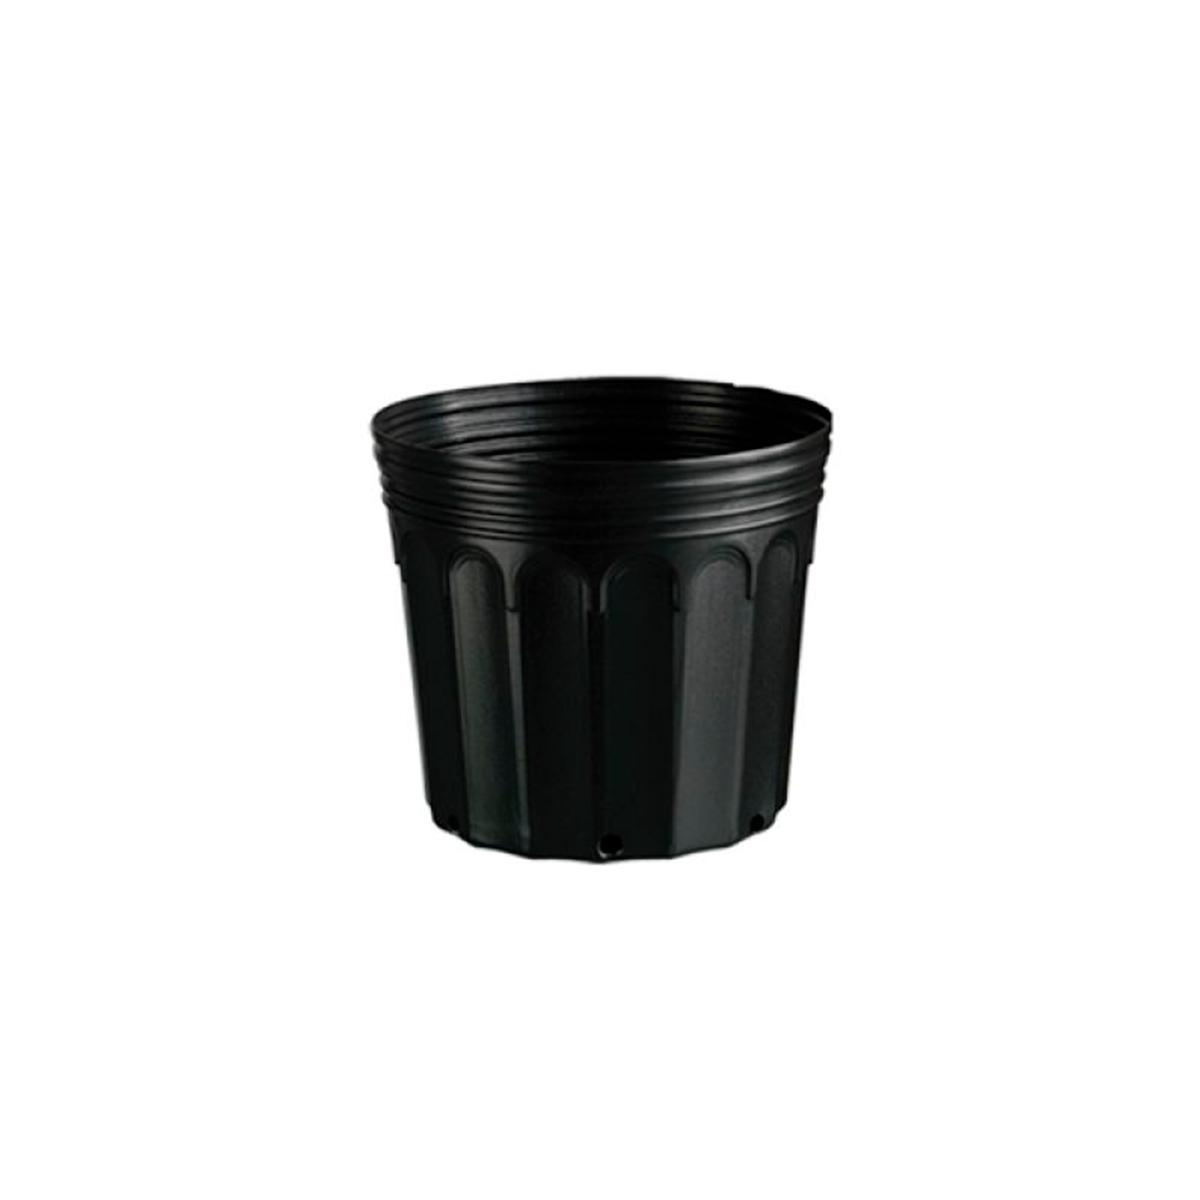 Kit com 40 Embalagem para Mudas Vaso Sem Alça 11 Litros